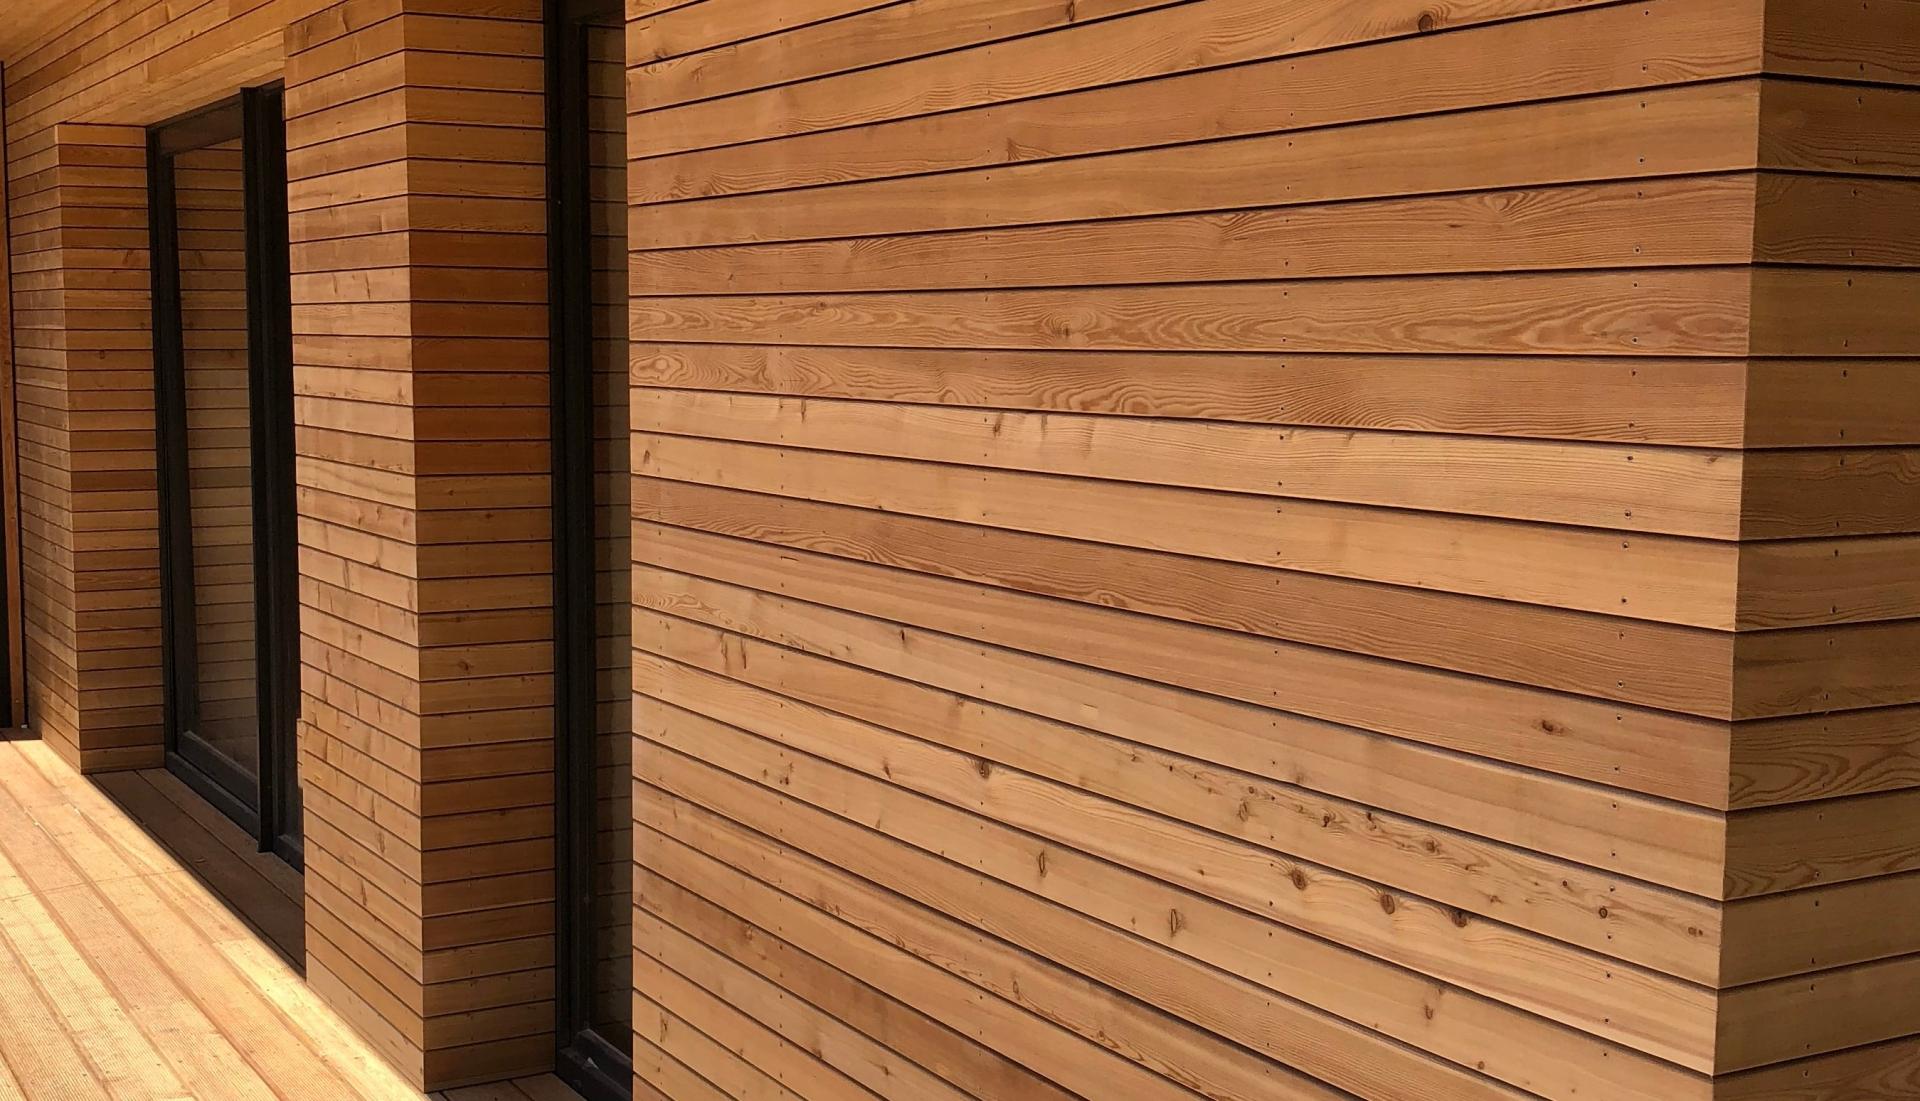 Dřevěné fasády | Fasády & Terasy s.r.o. - Dřevěné fasády Sibiřský modřín - klasické uchycení